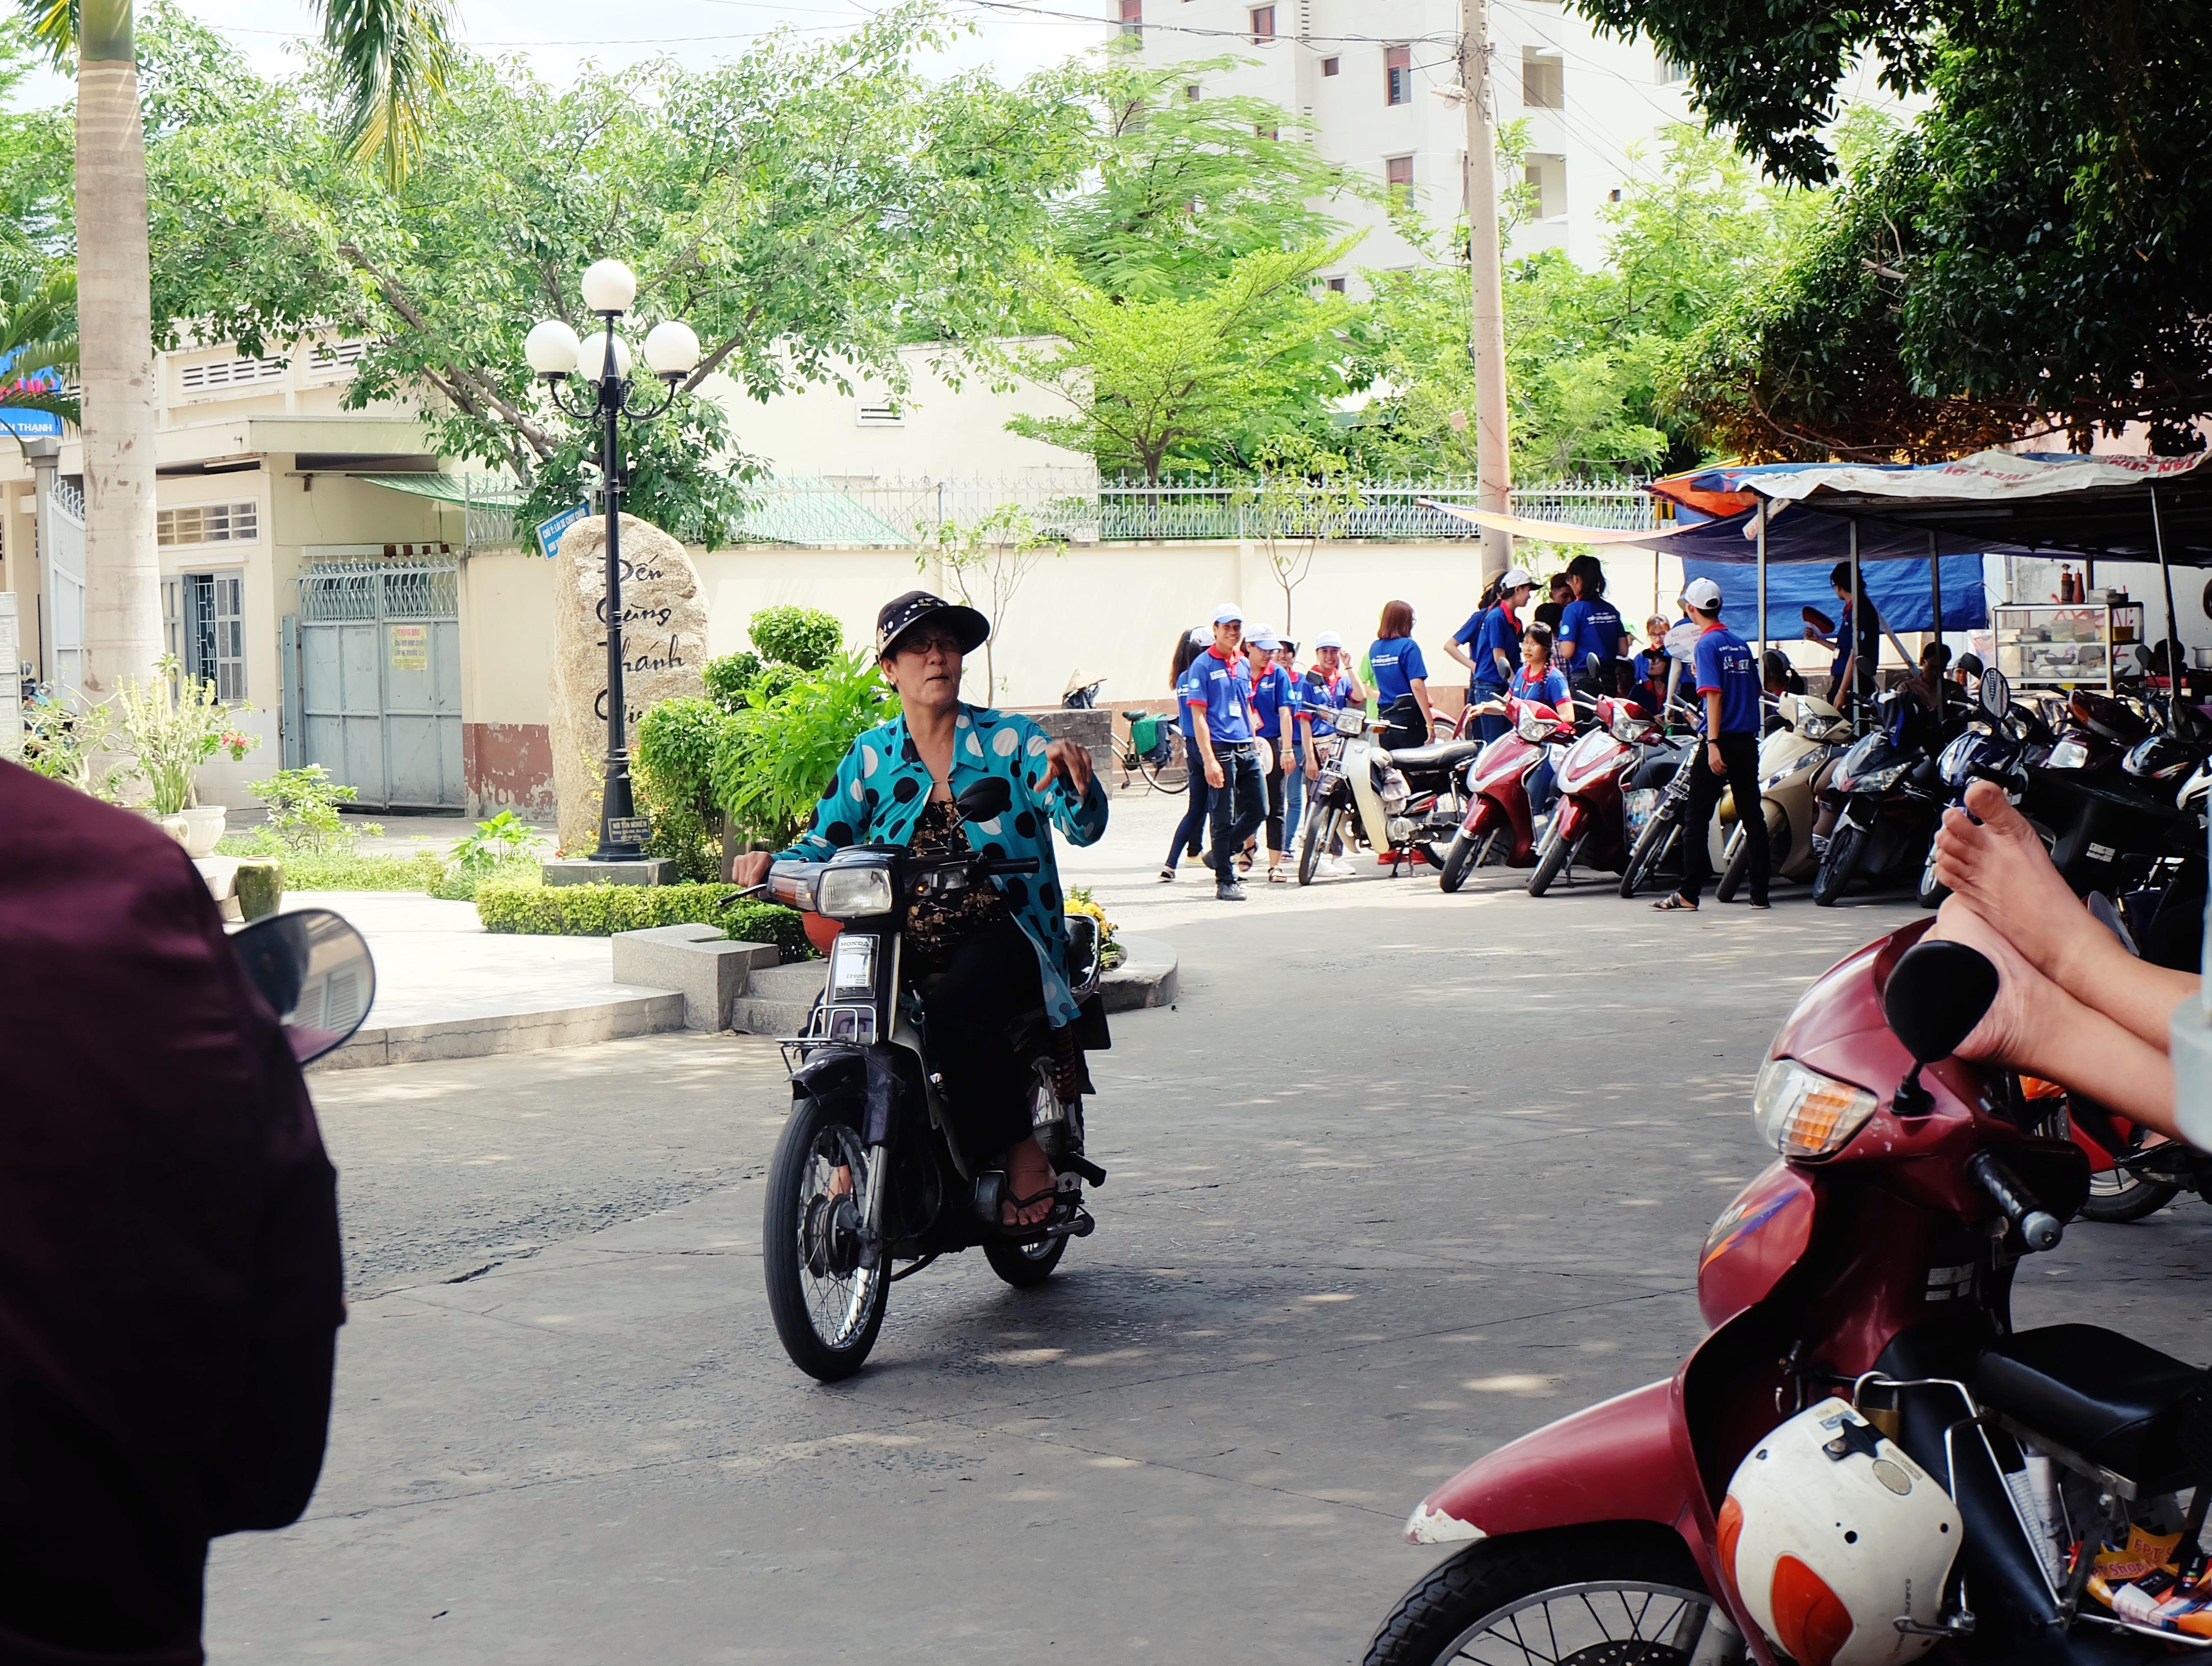 Gặp cô bán xôi ở Sài Gòn vượt hơn 10 cây số đèo nam sinh về lấy giấy tờ để kịp giờ thi THPT quốc gia - Ảnh 5.